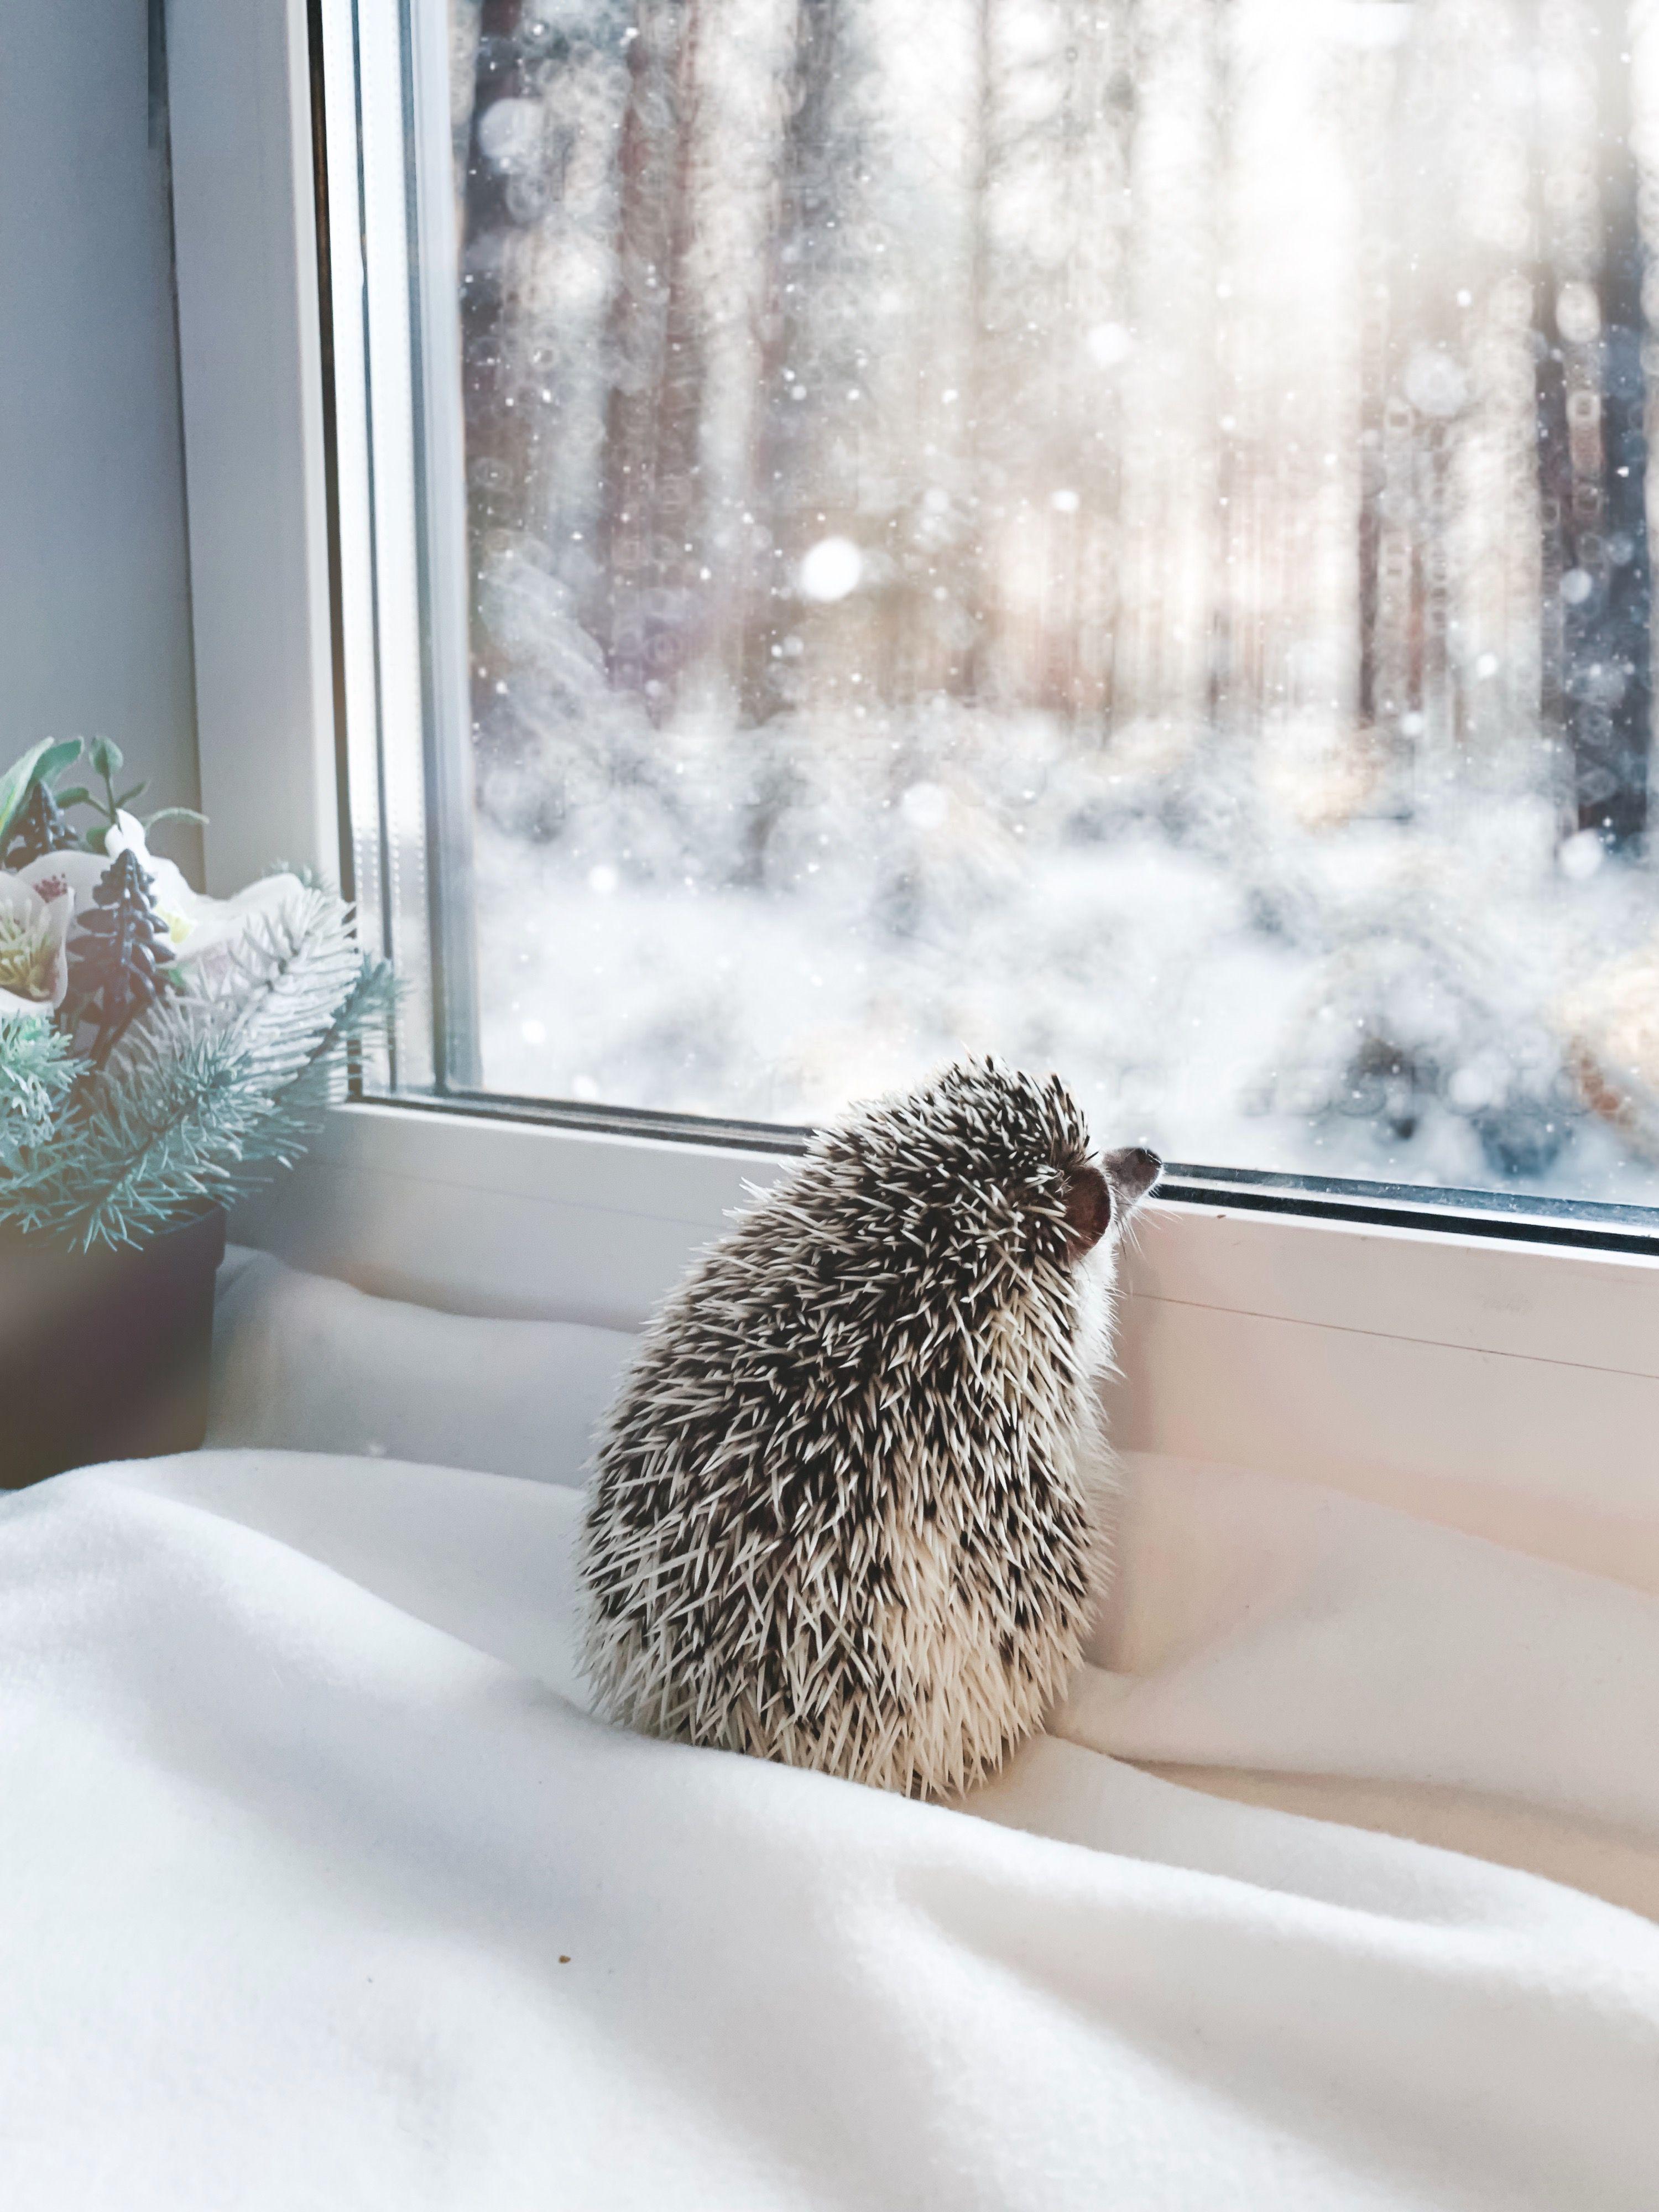 картинки ежику холодно наиболее комфортного